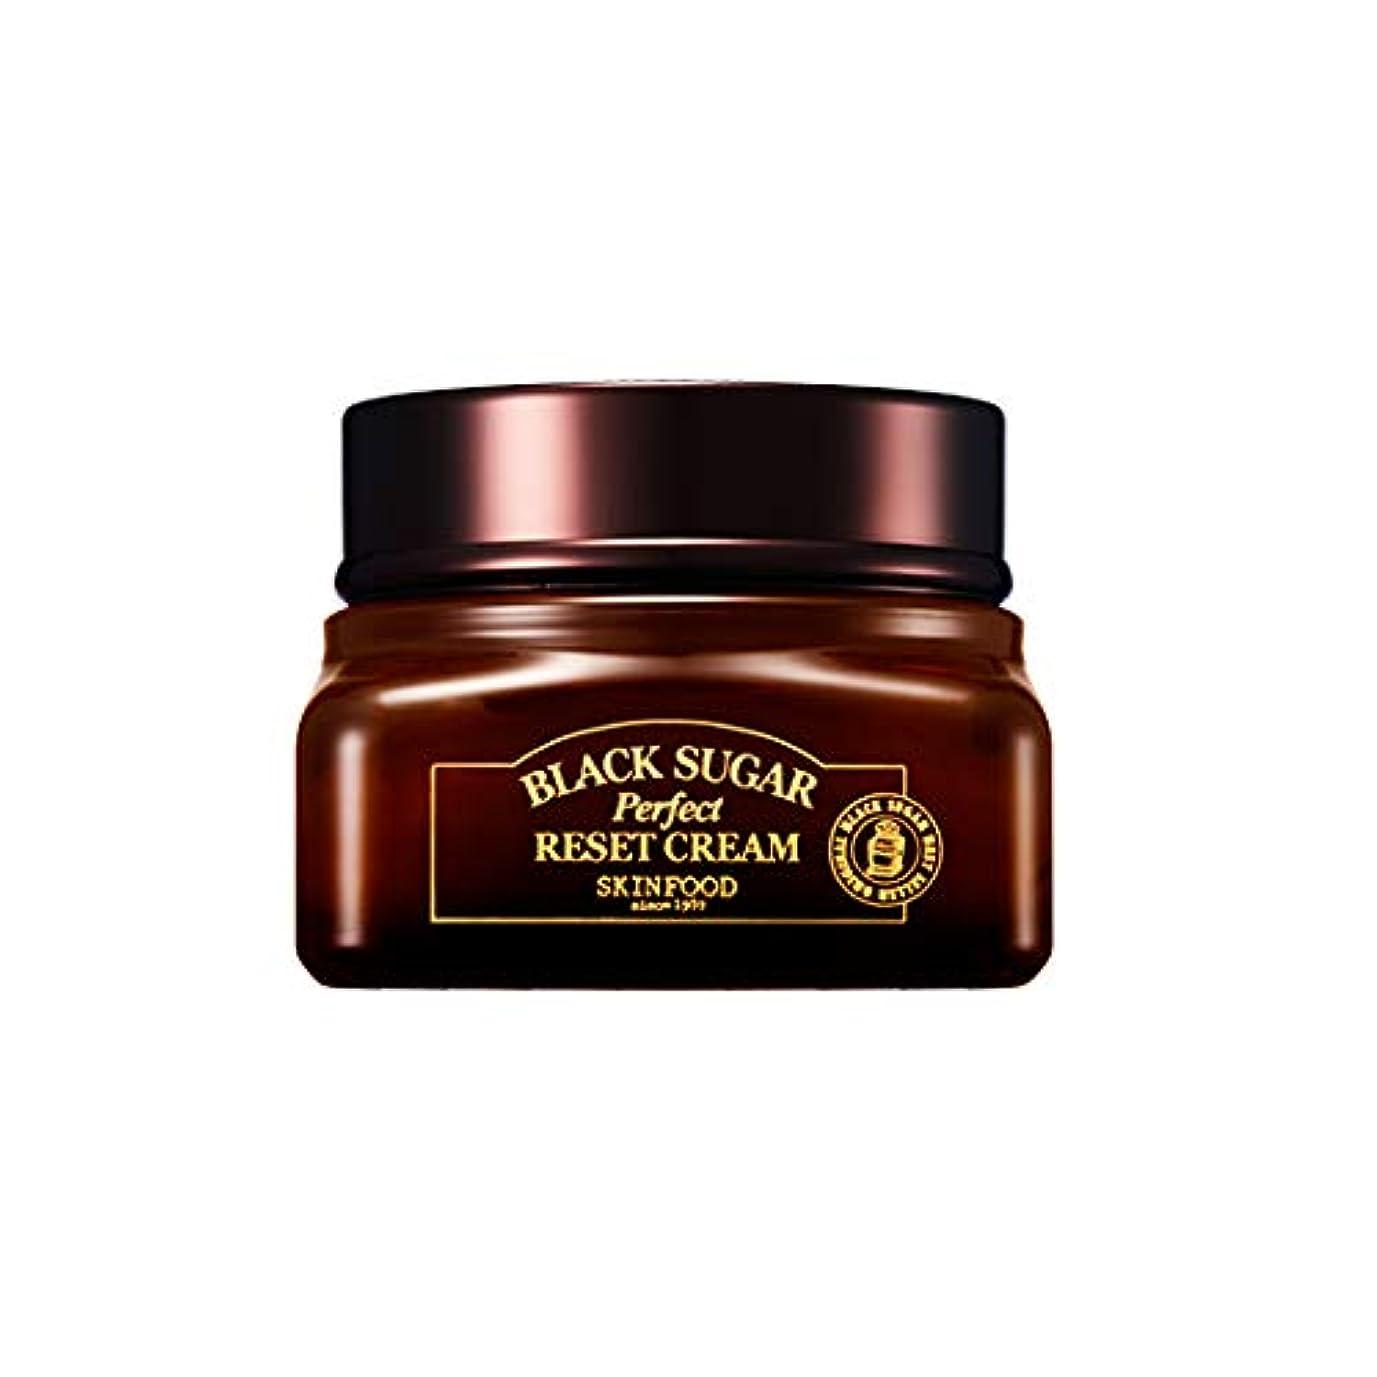 足首ぎこちない市町村Skinfood 黒糖パーフェクトリセットクリーム/Black Sugar Perpect Reset Cream 60ml [並行輸入品]